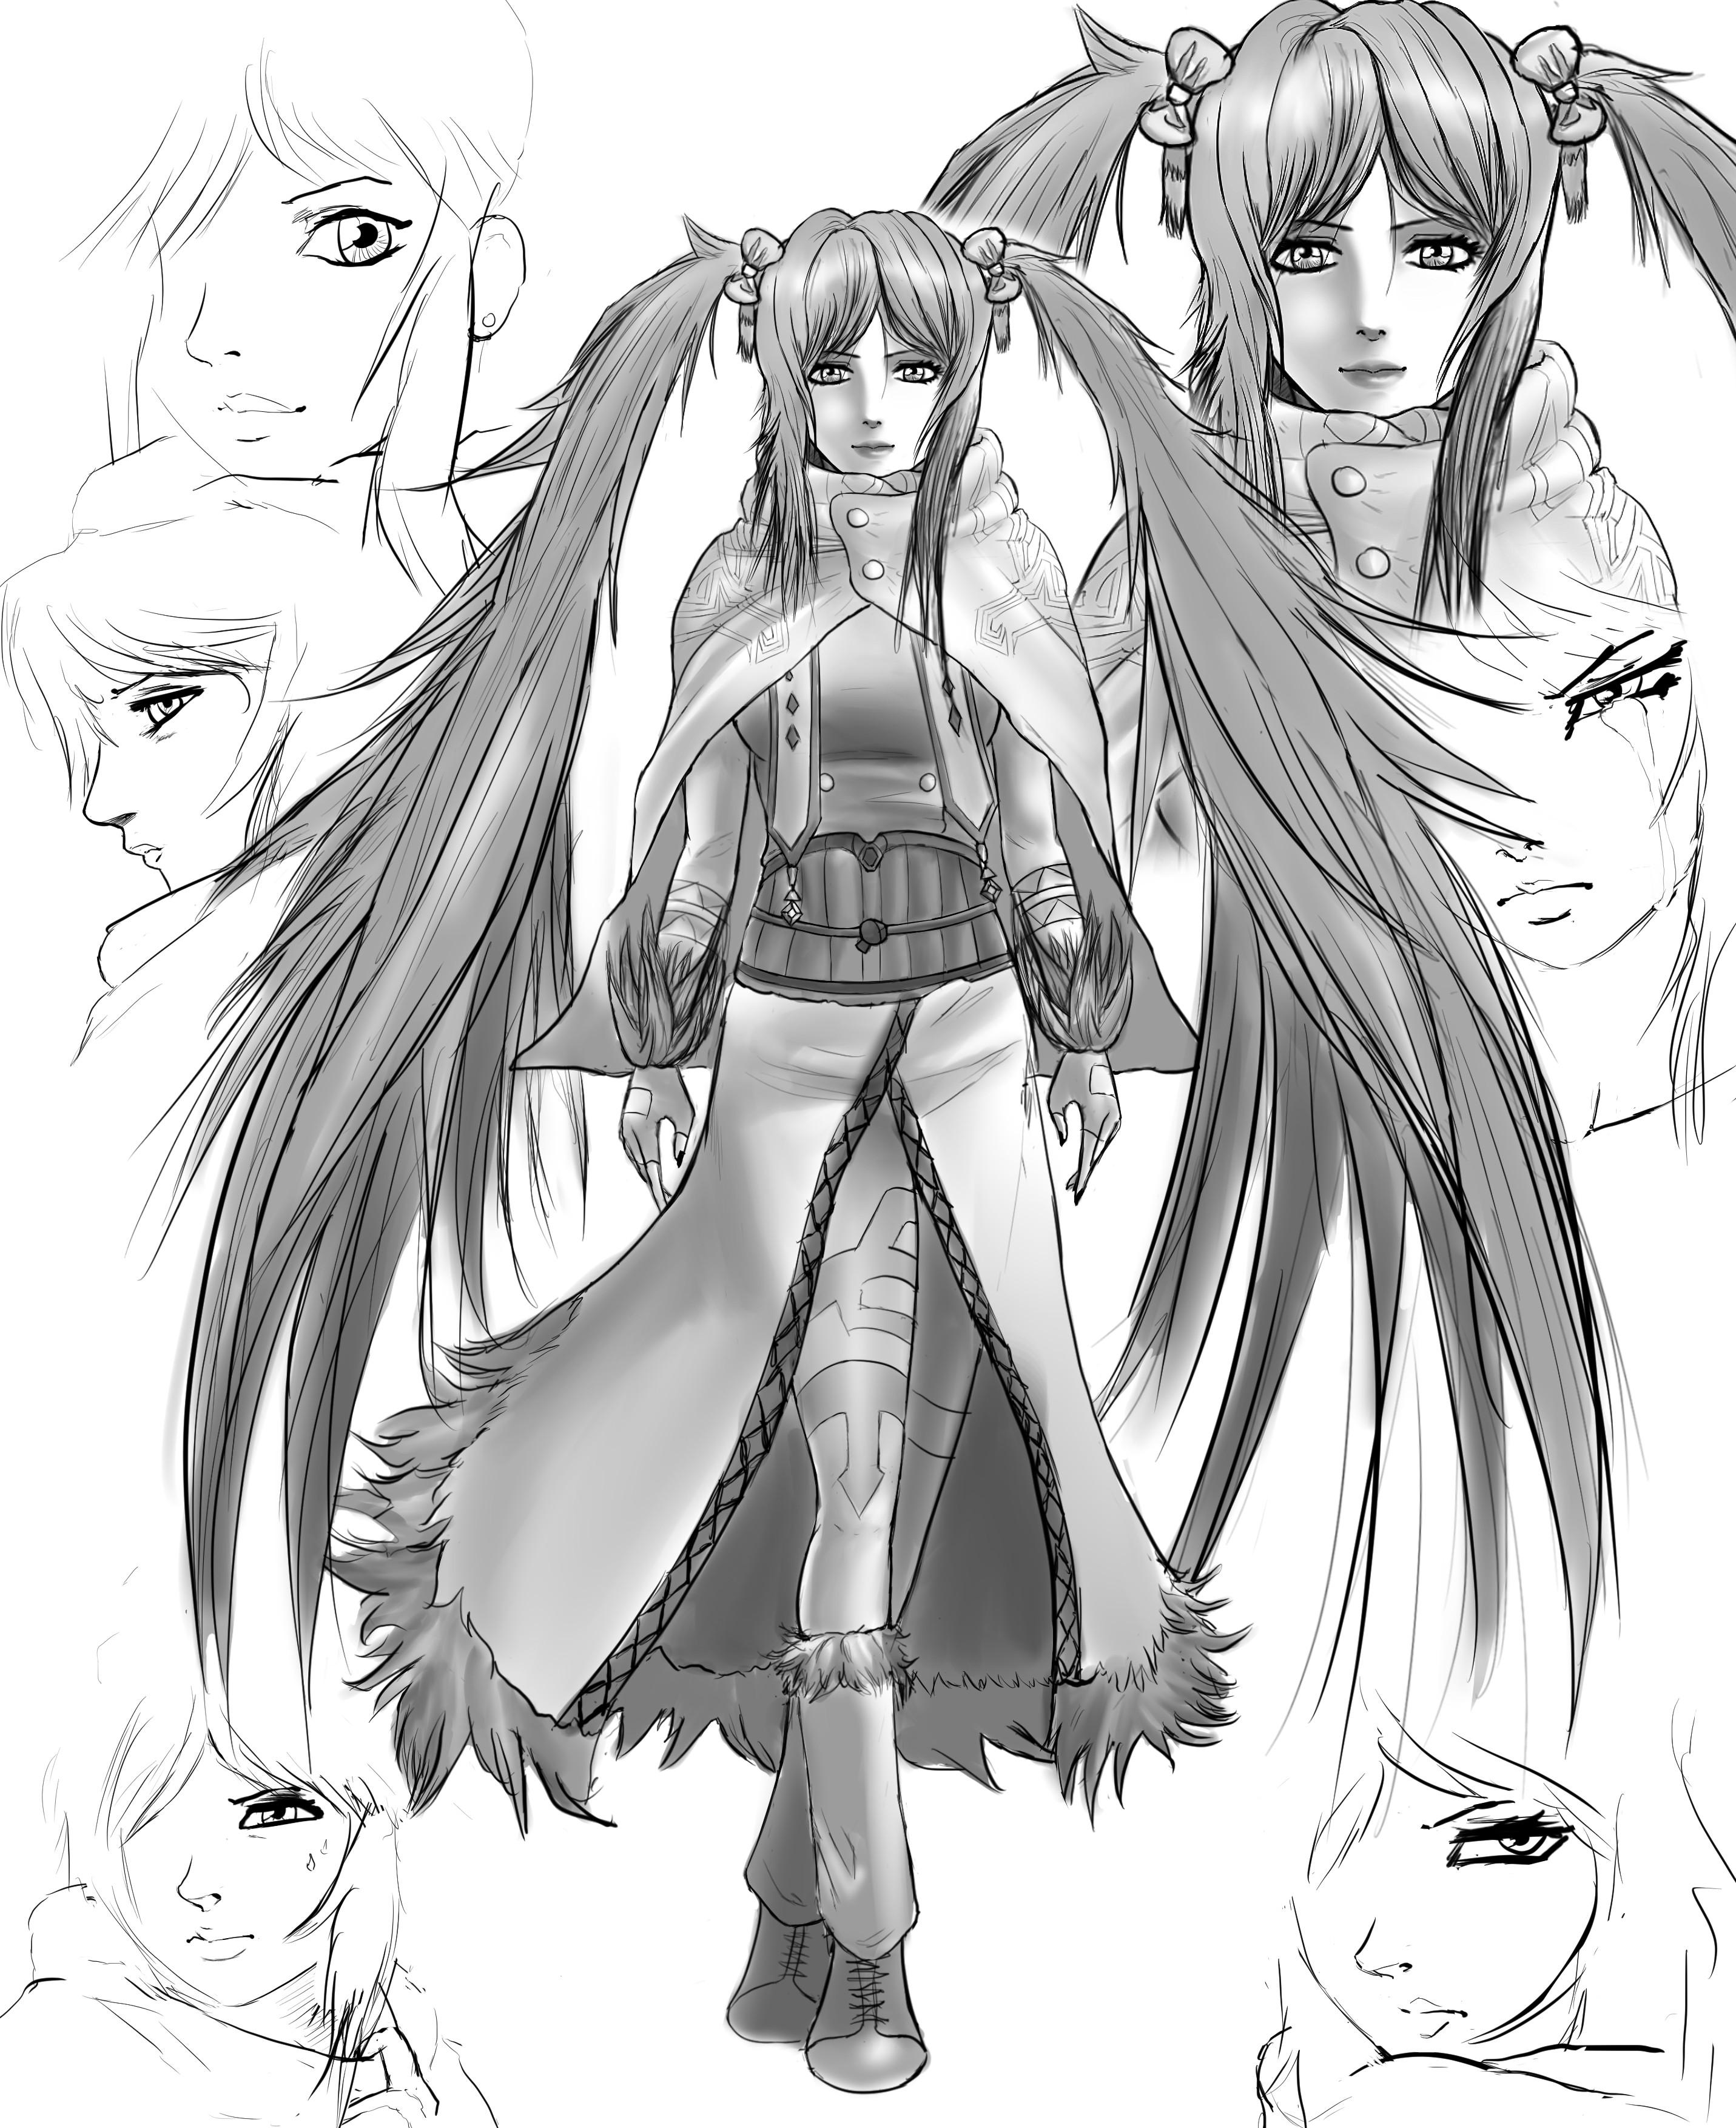 Teen Tempest - Concept Art #1